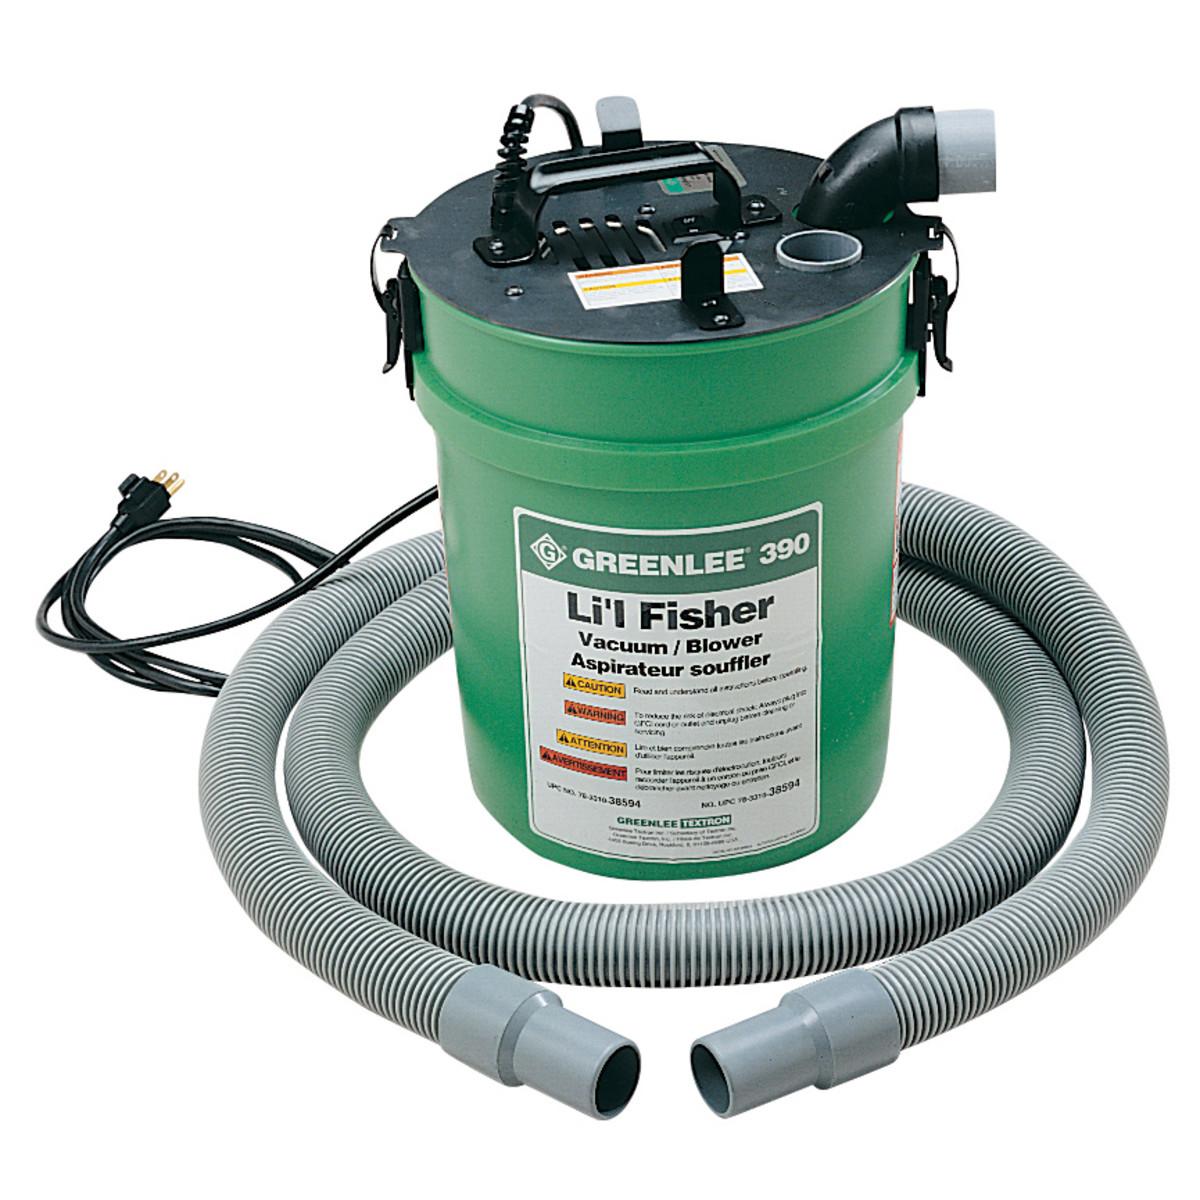 Greenlee 390 Blower/Vacuum Compact (38594)